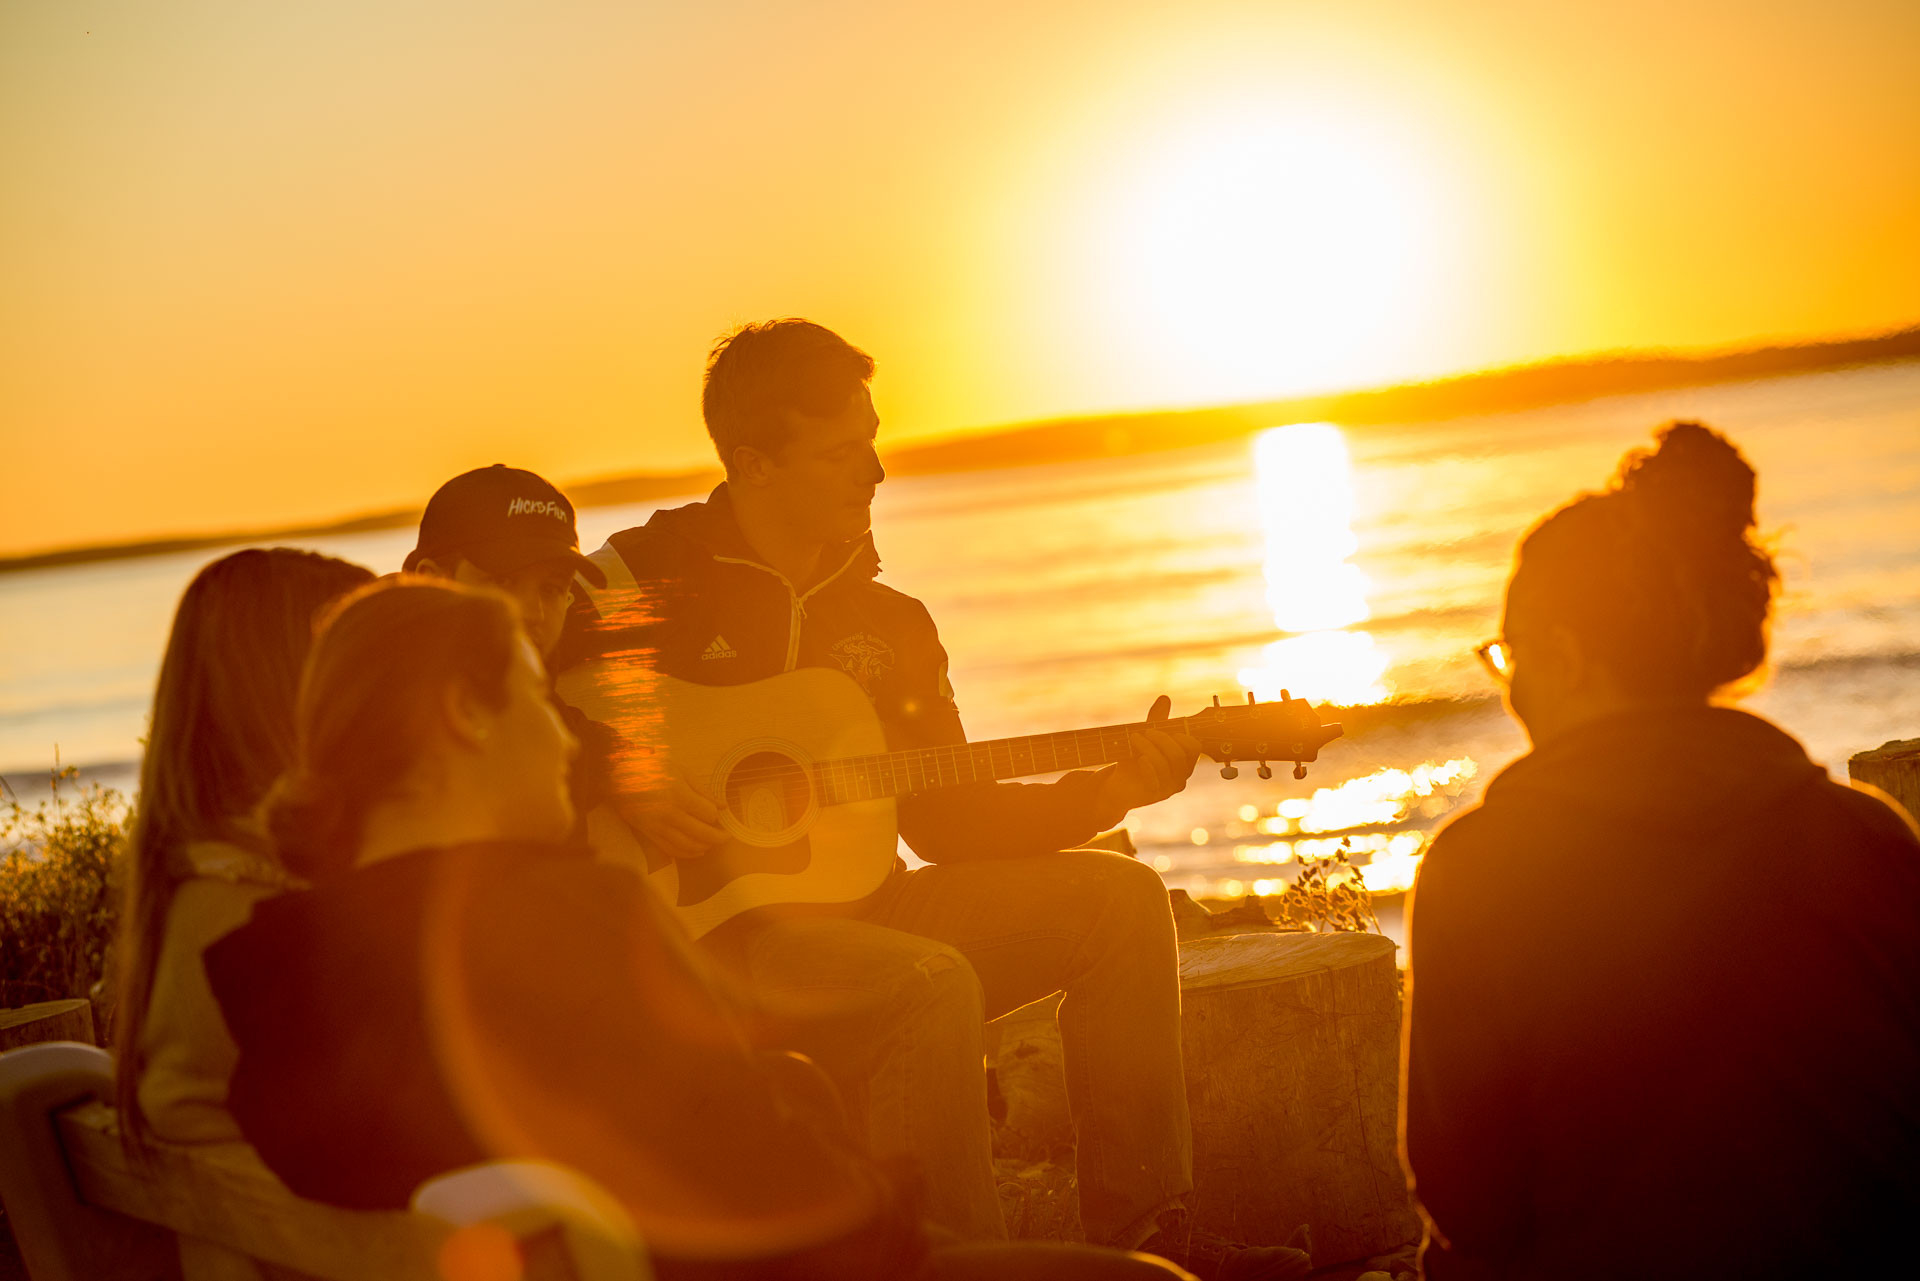 Des étudiants apprécient les feux de camp au coucher du soleil le long de la côte de la baie Sainte-Marie.